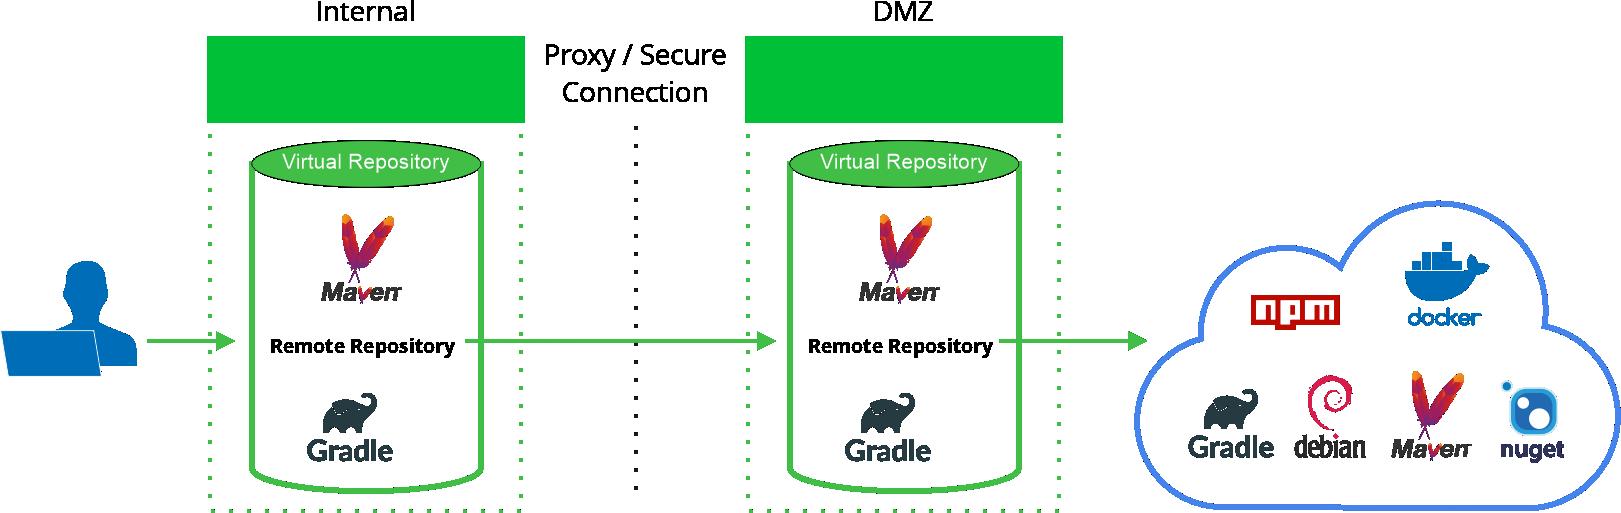 Smart remote repositories